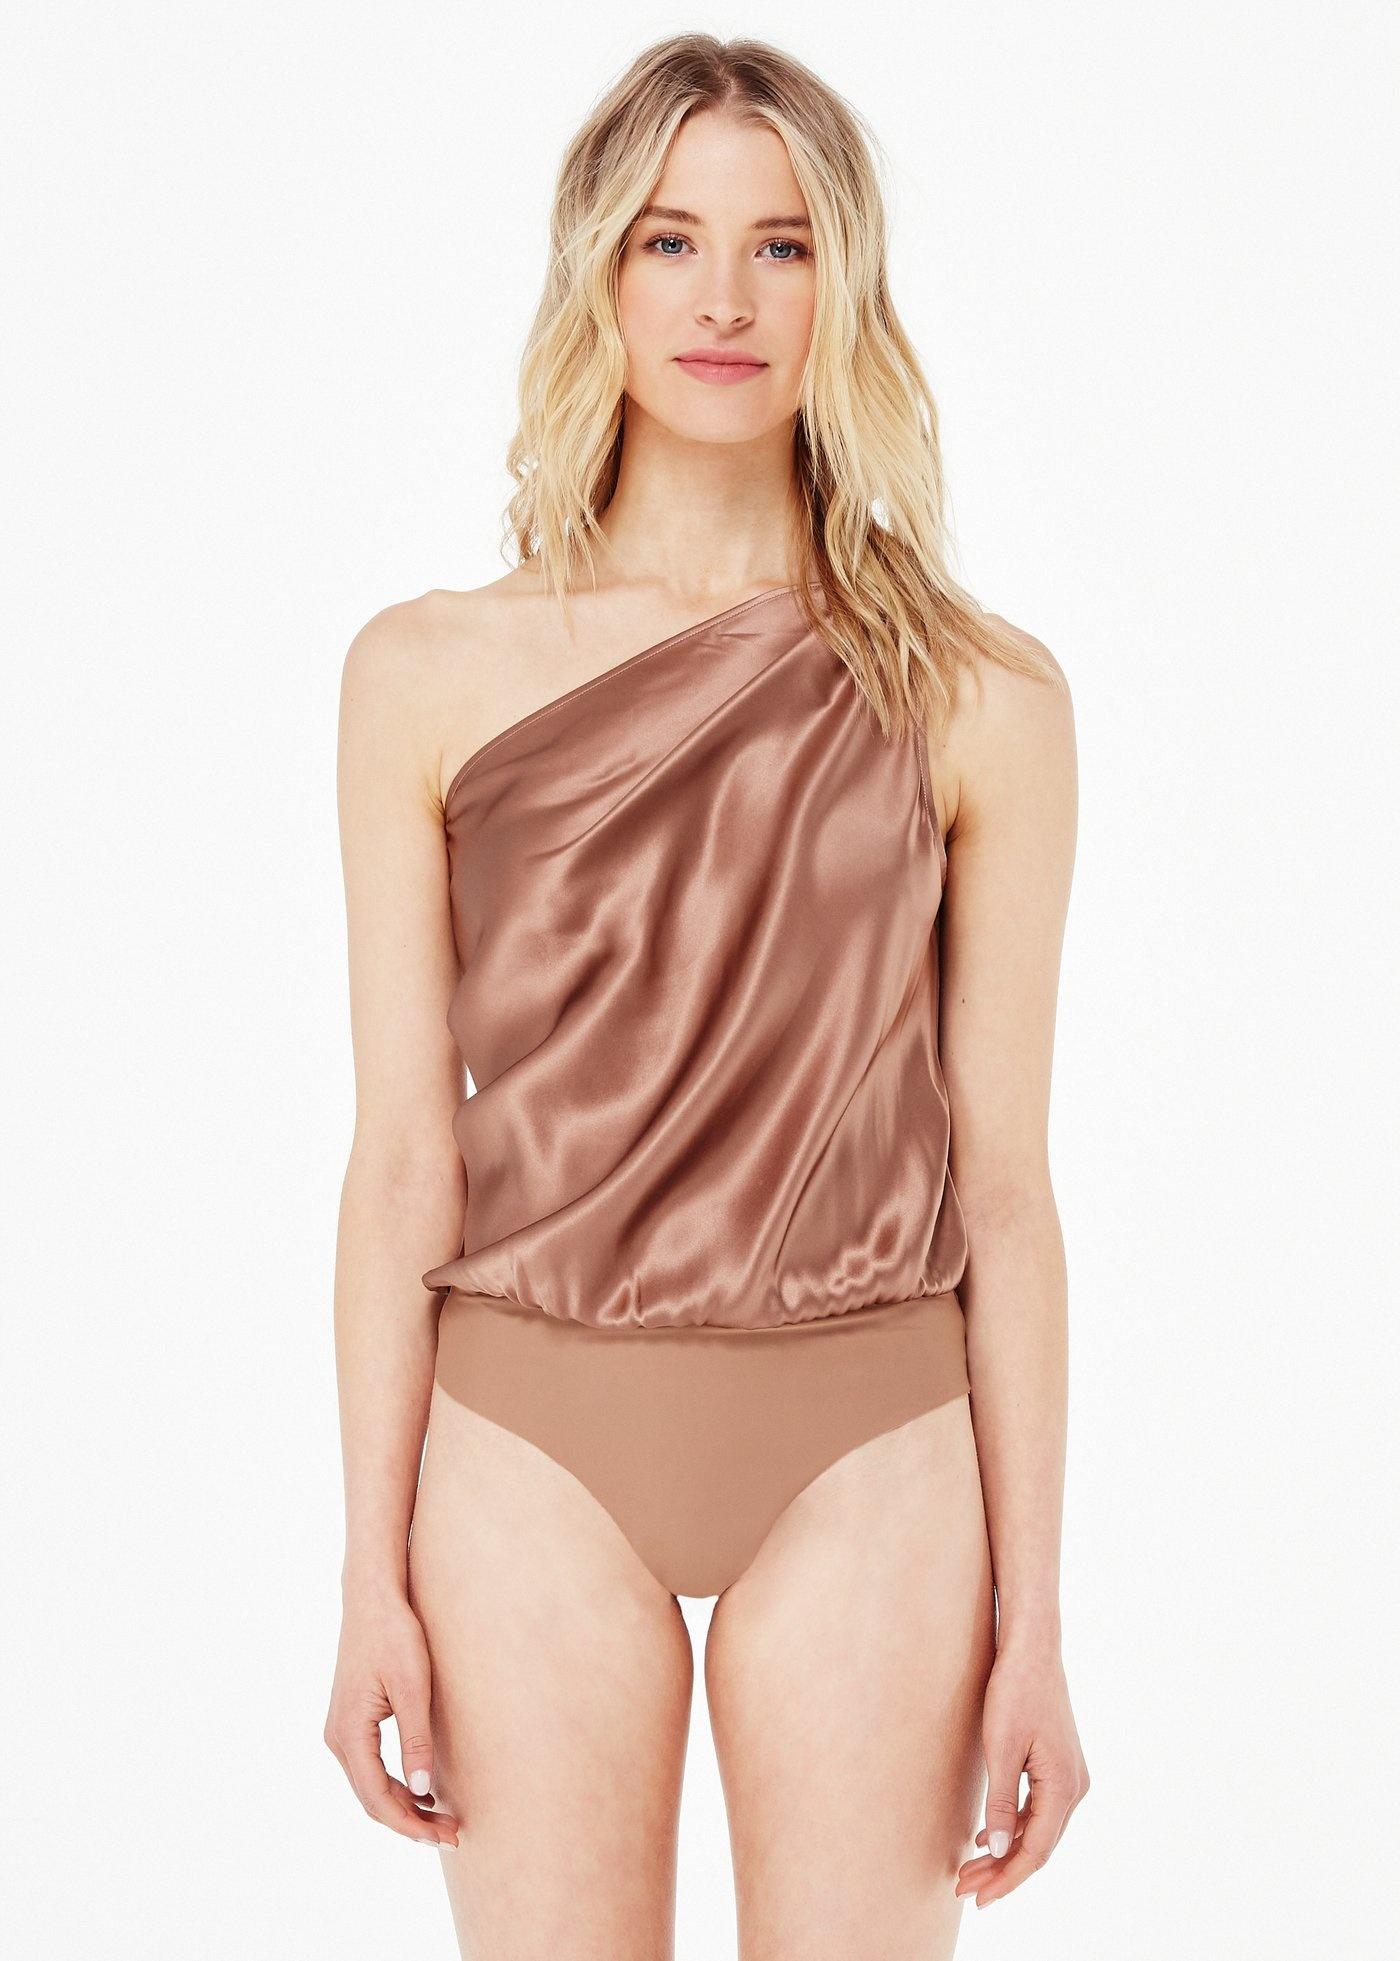 Cami NYC Darby Bodysuit